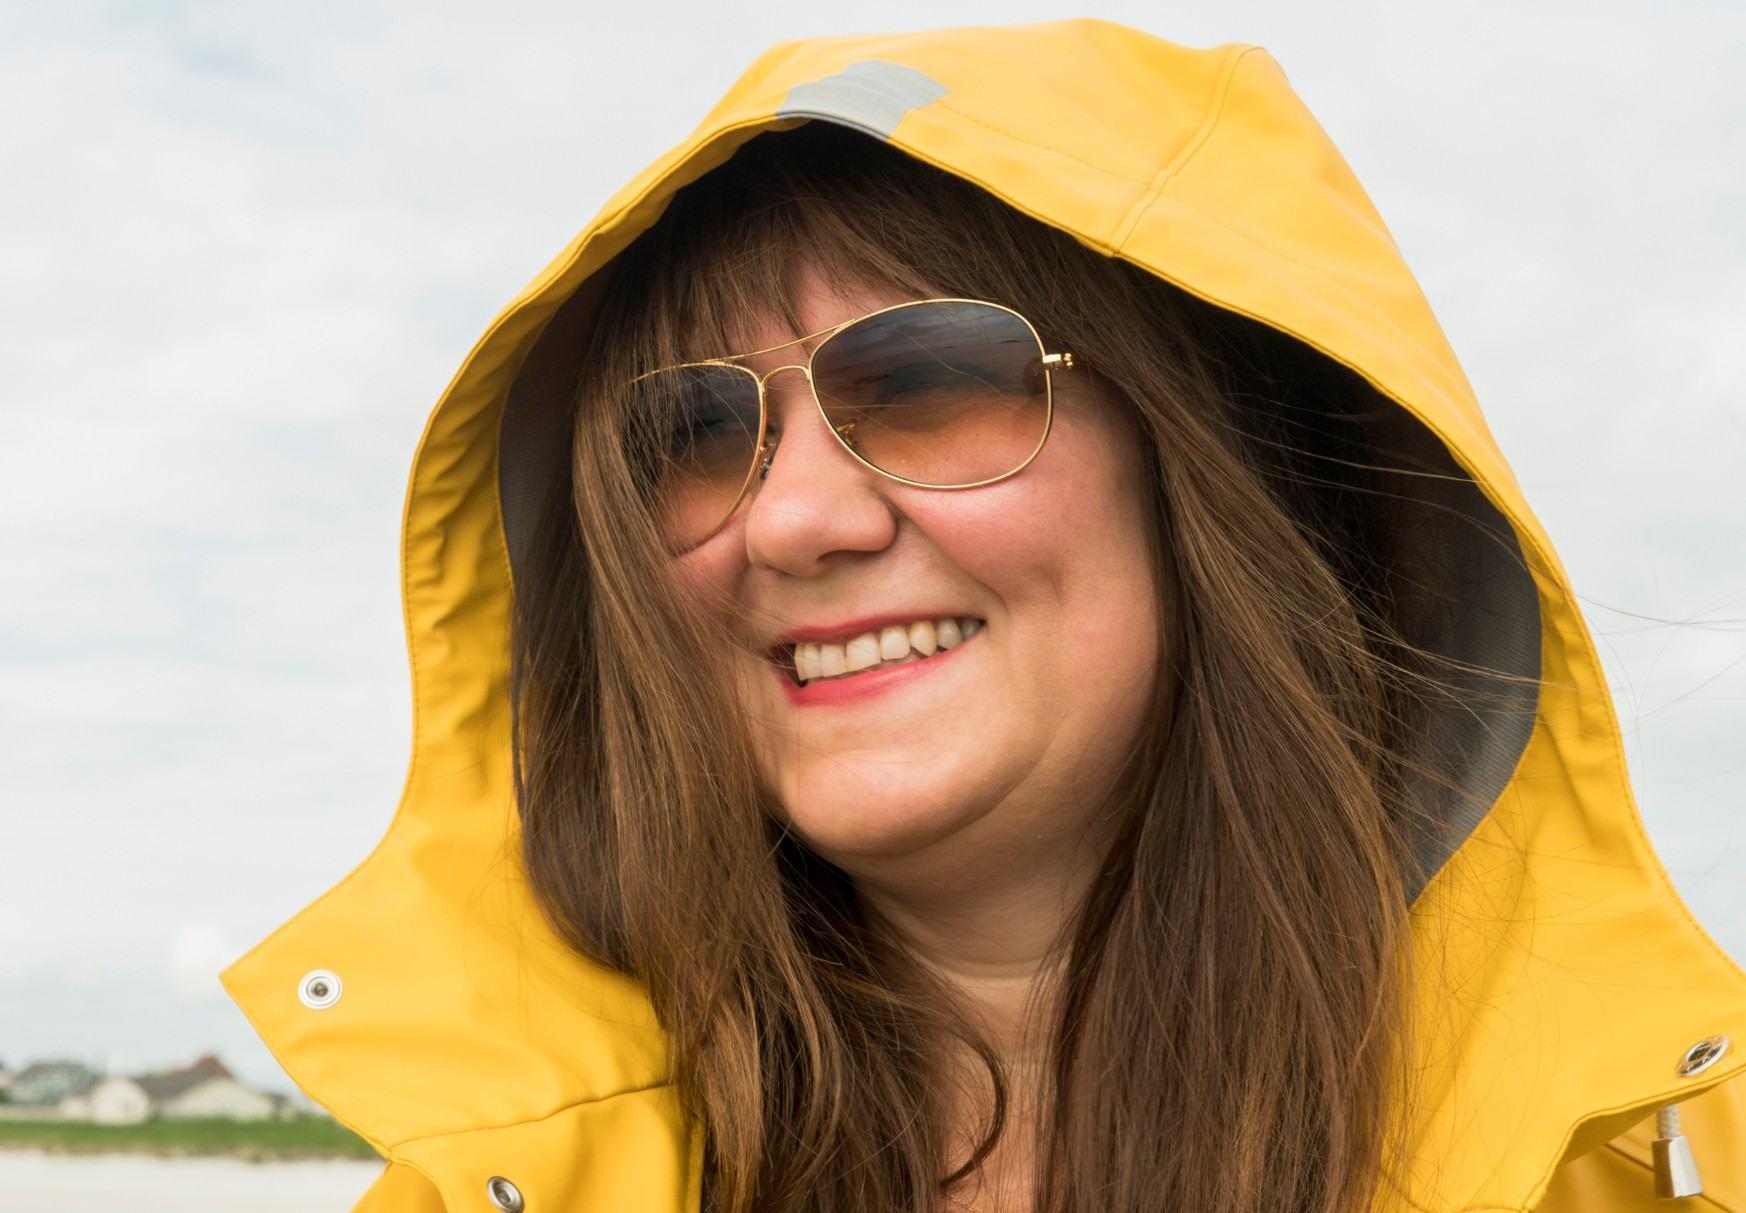 Silje smiler med gul regnjakke. Langt hår flommer ut fra under hetten.